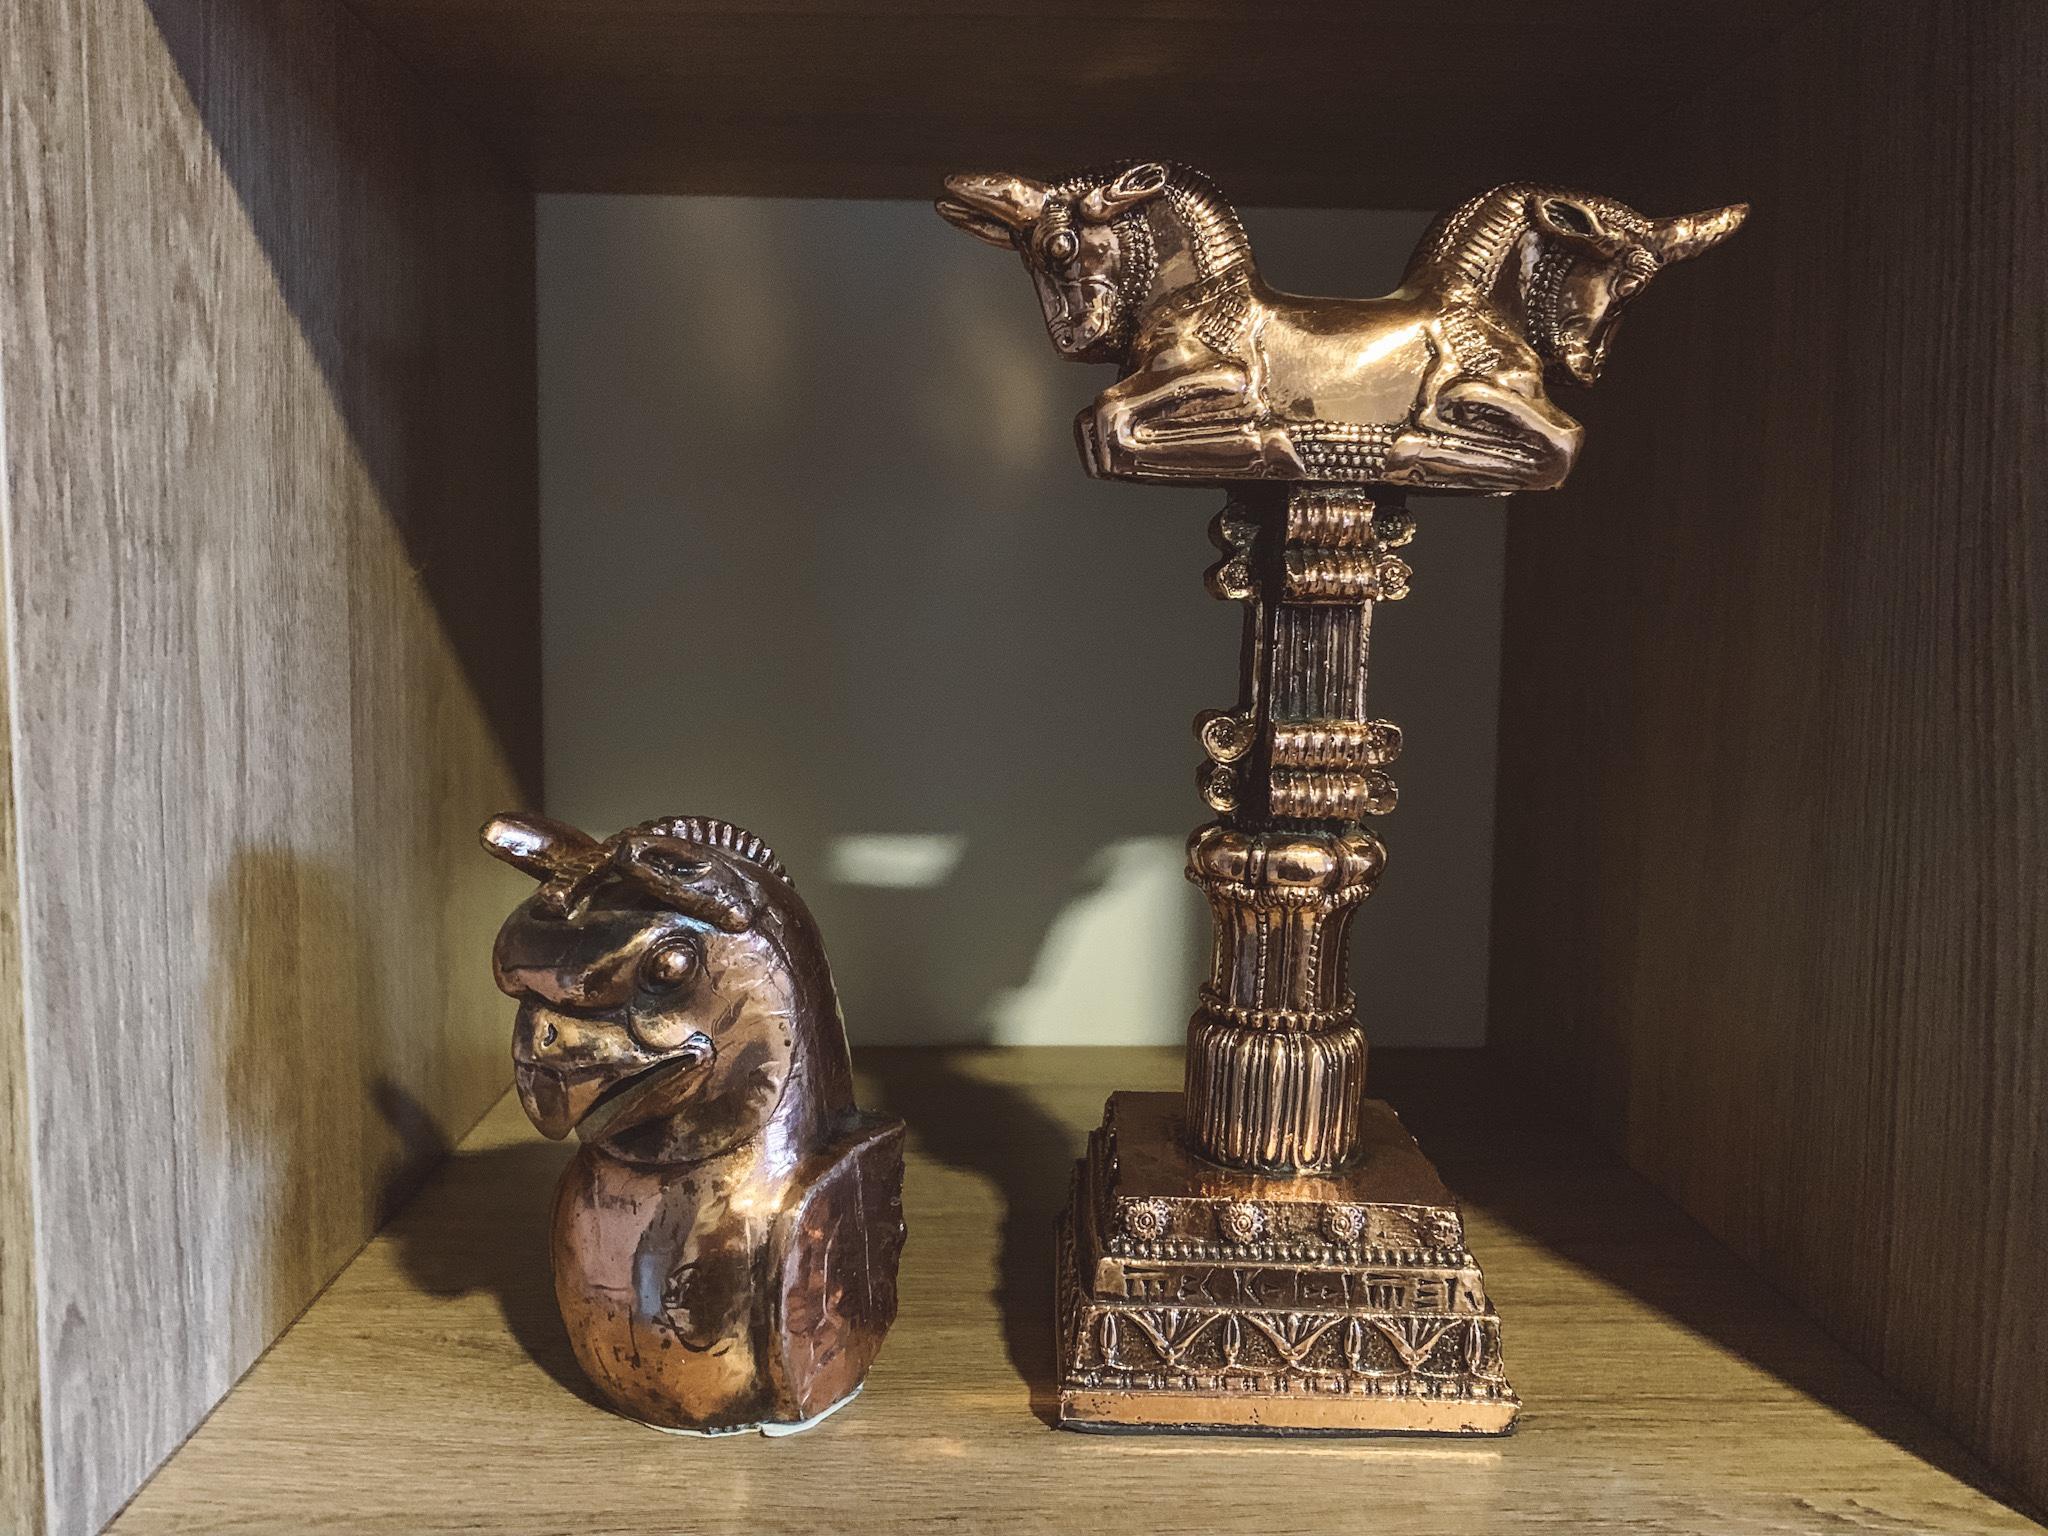 O que comprar no Irã: Ave 3 dólares e Coluna do palácio de Persépolis 7 dólares